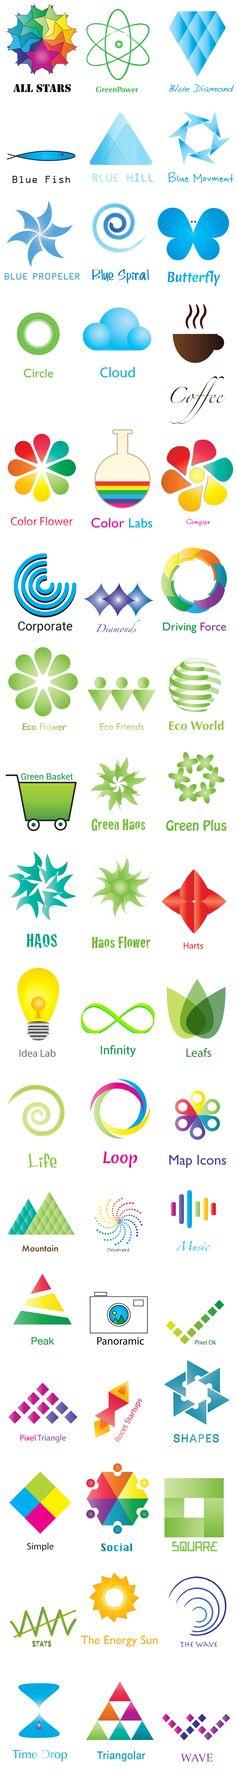 51 Customizable & Stunning Logo Templates  http://dealfuel.com/seller/51-logo-templates/  #logotemplates #templatesforwebiste #brandlogos #customizablelogotemplates #psd